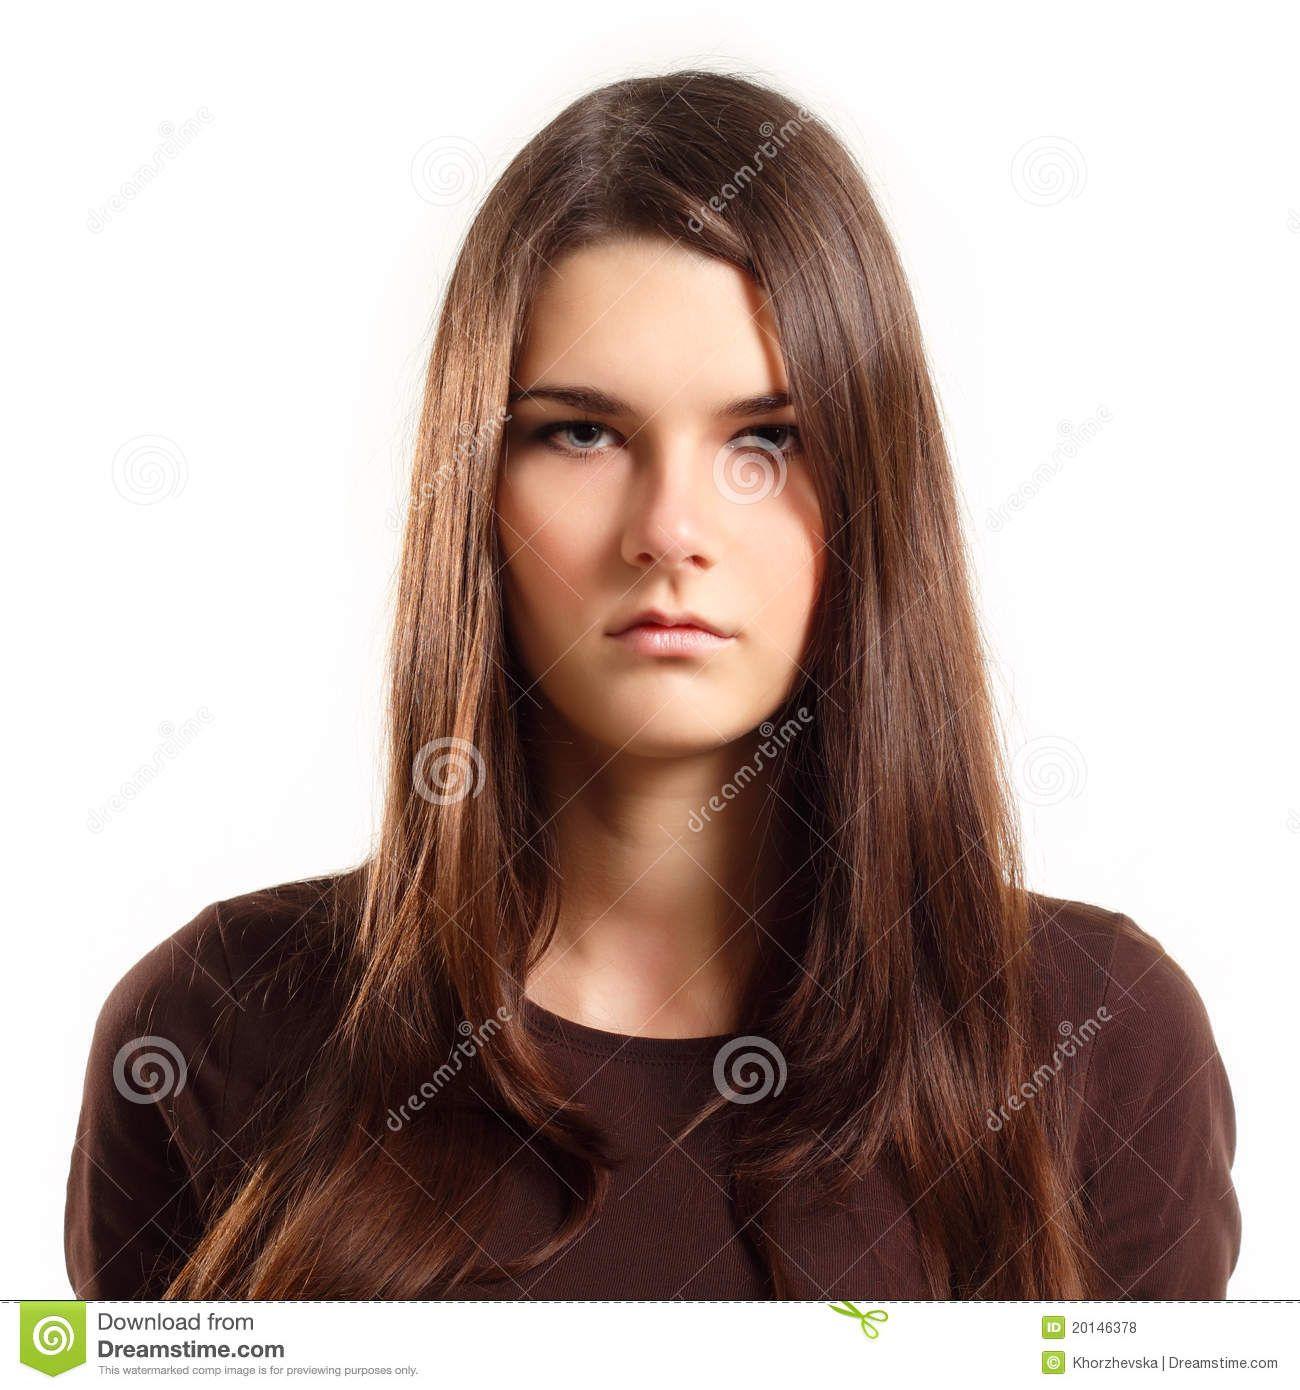 Benz reccomend Blank facial expression